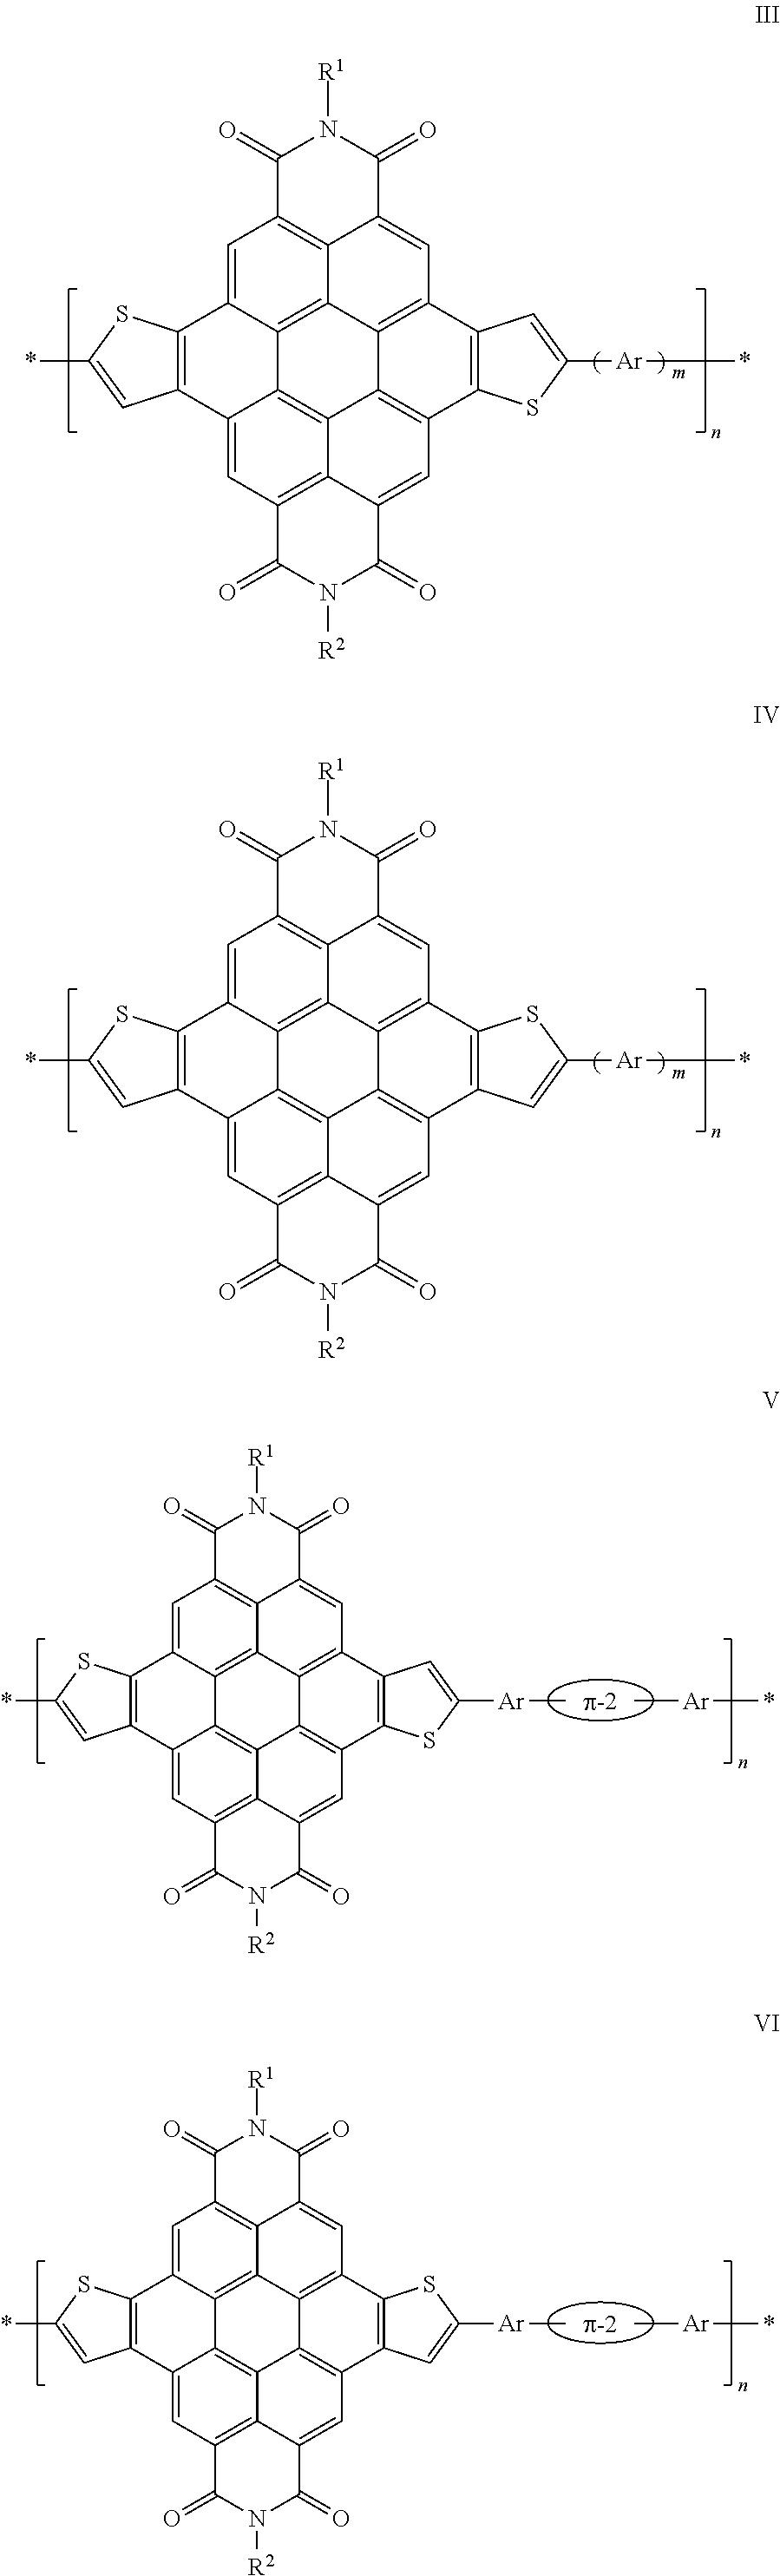 Figure US08329855-20121211-C00008